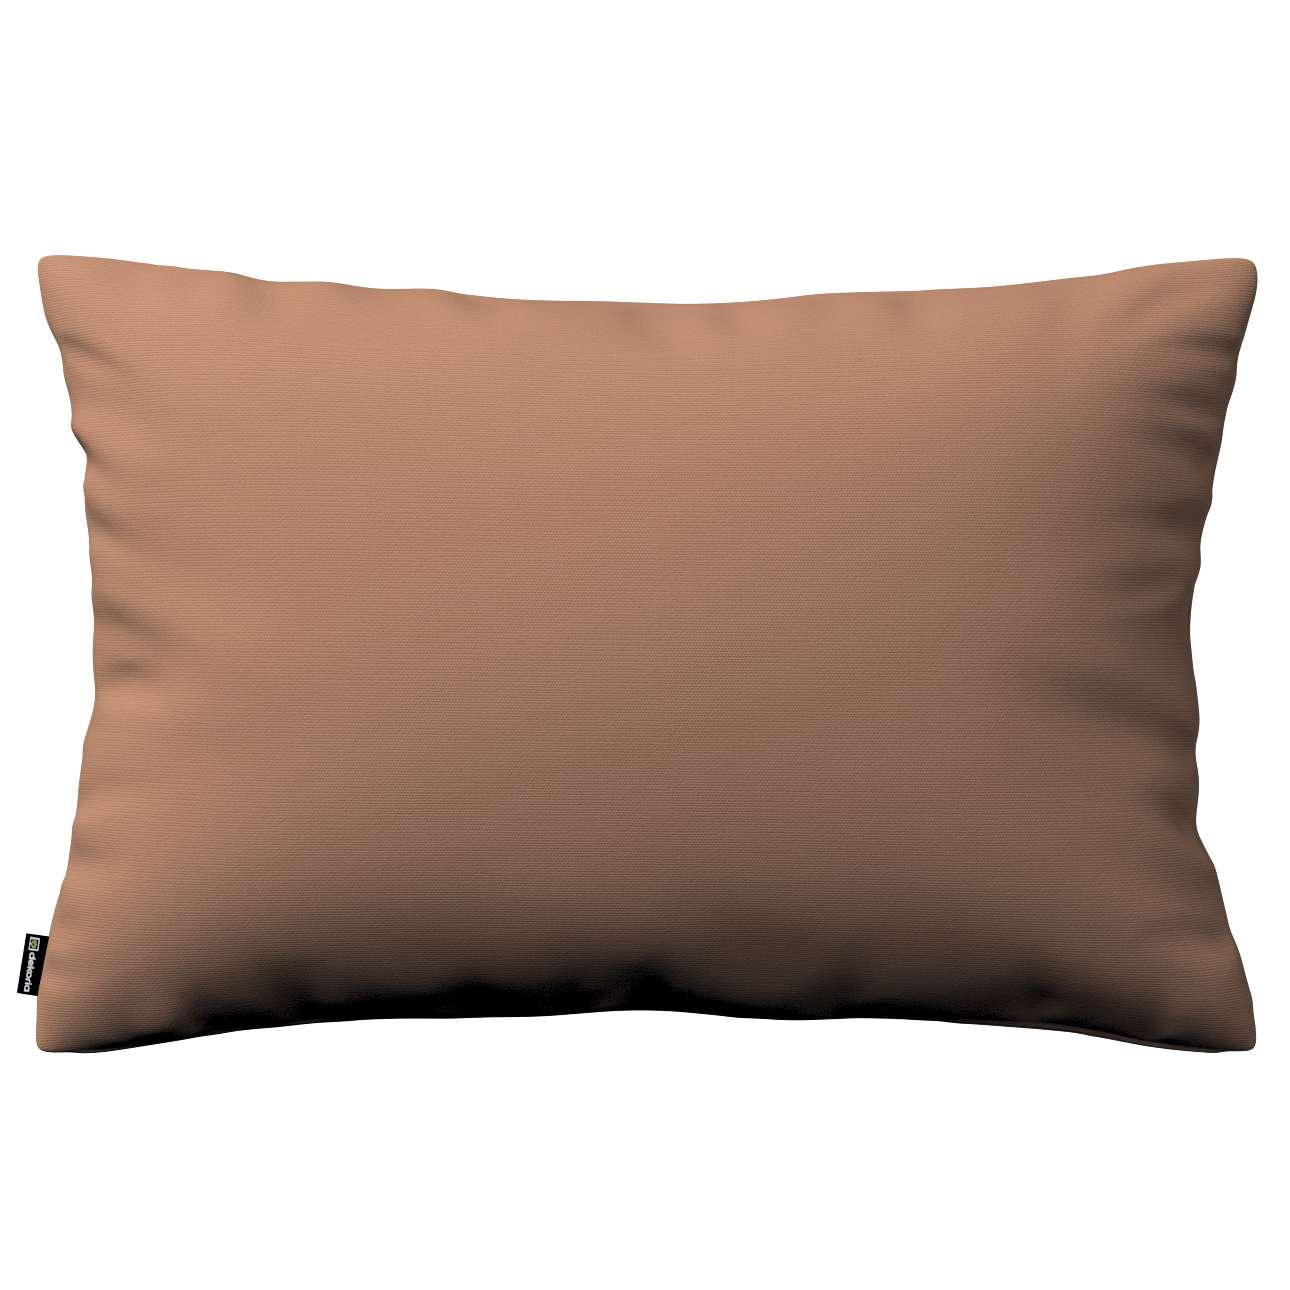 Kinga dekoratyvinės pagalvėlės užvalkalas 60x40cm 60x40cm kolekcijoje Cotton Panama, audinys: 702-02